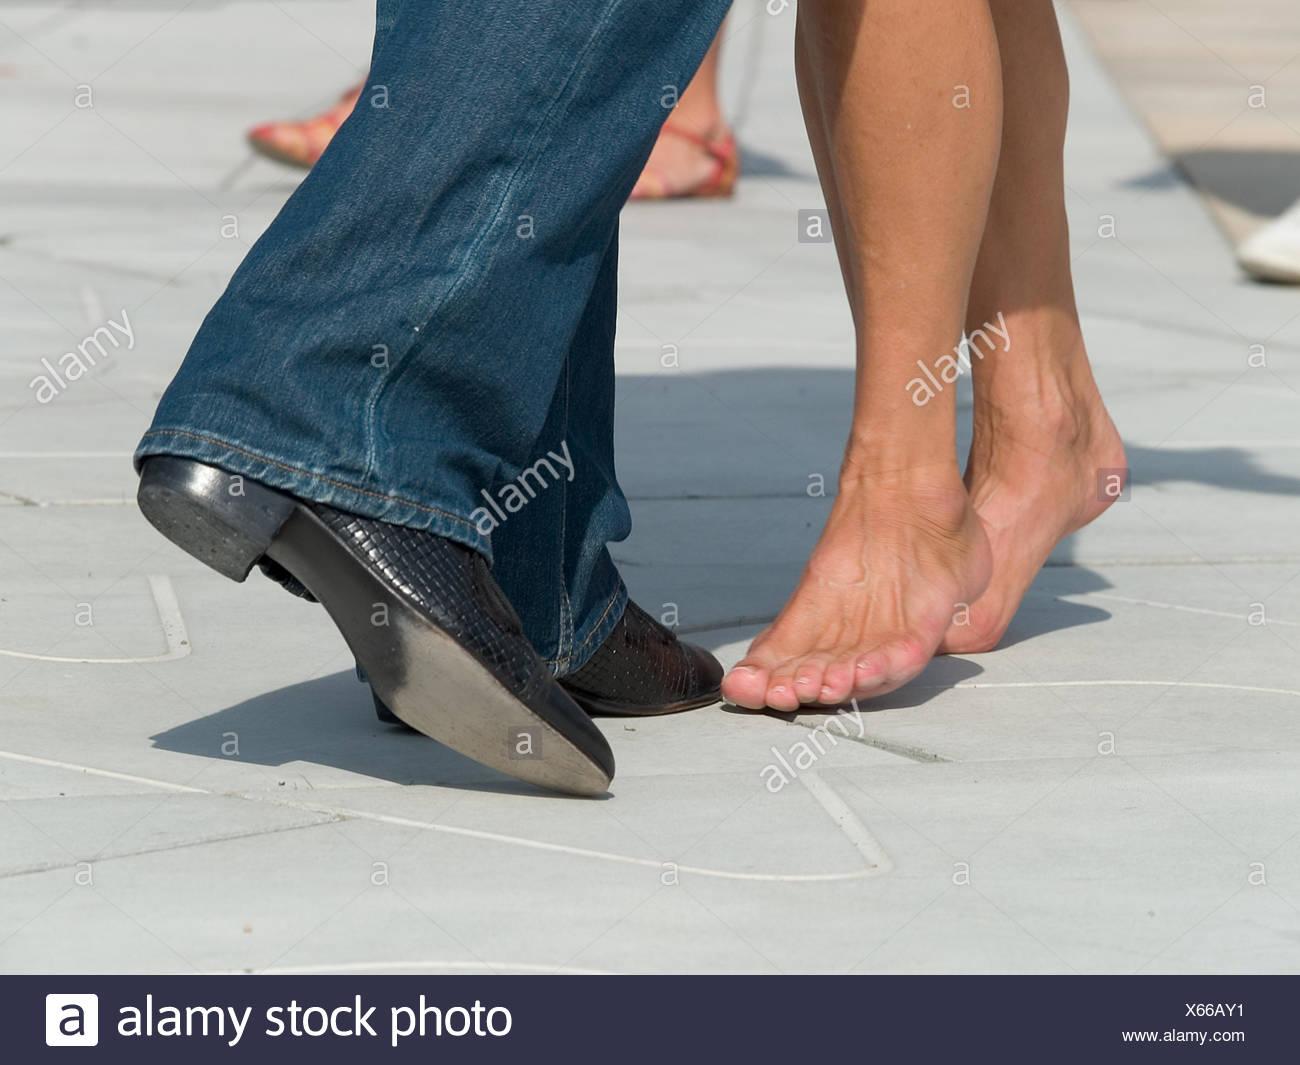 couple,barefoot,dancing - Stock Image